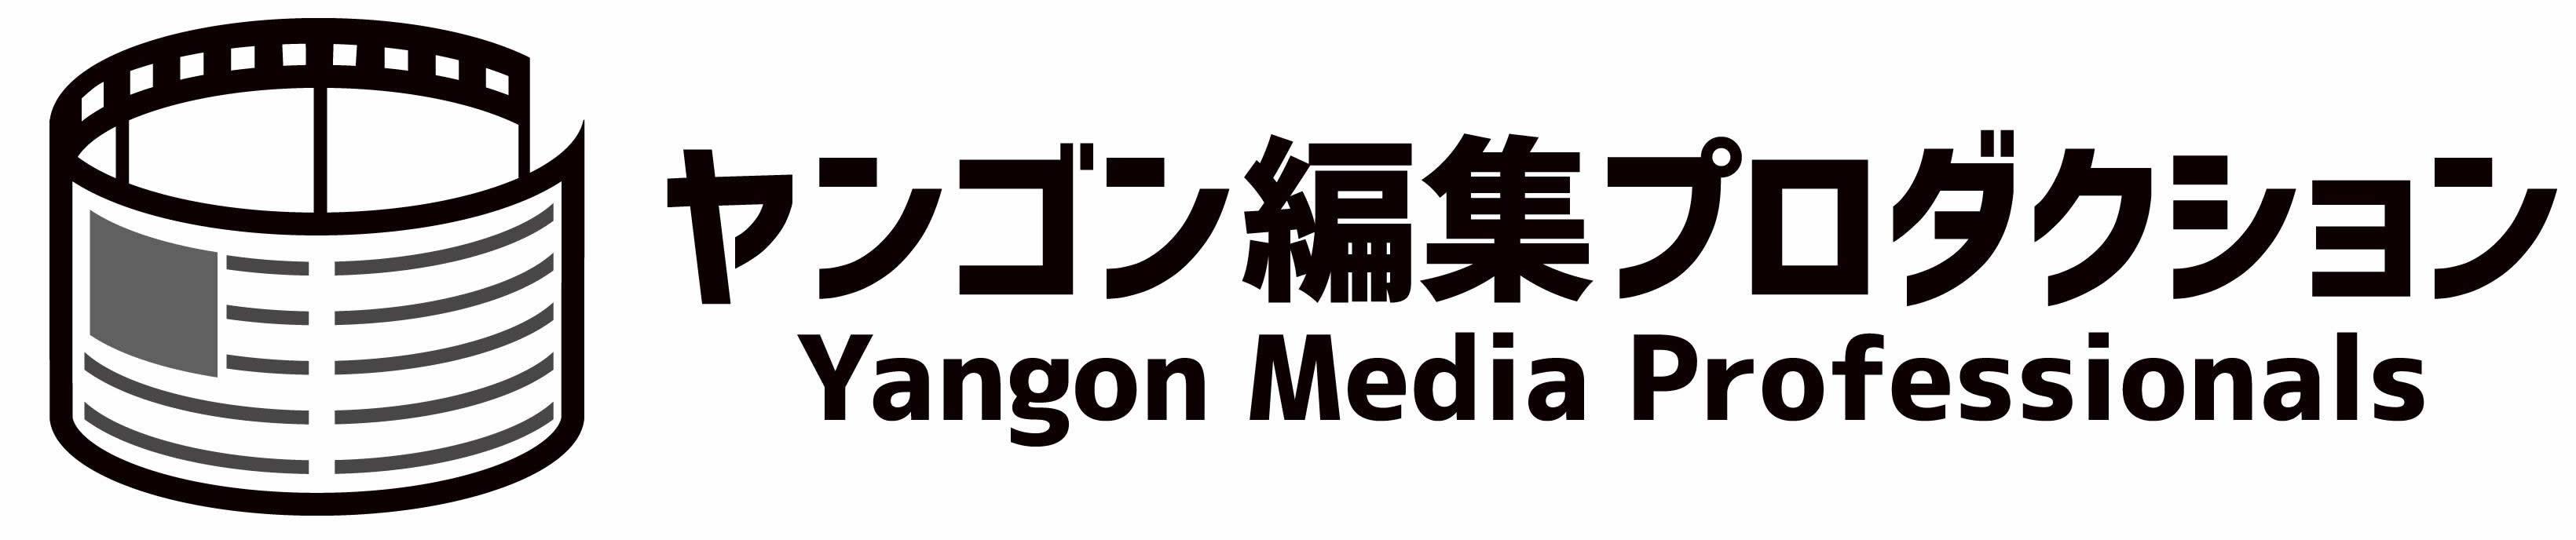 ヤンゴン編集プロダクション